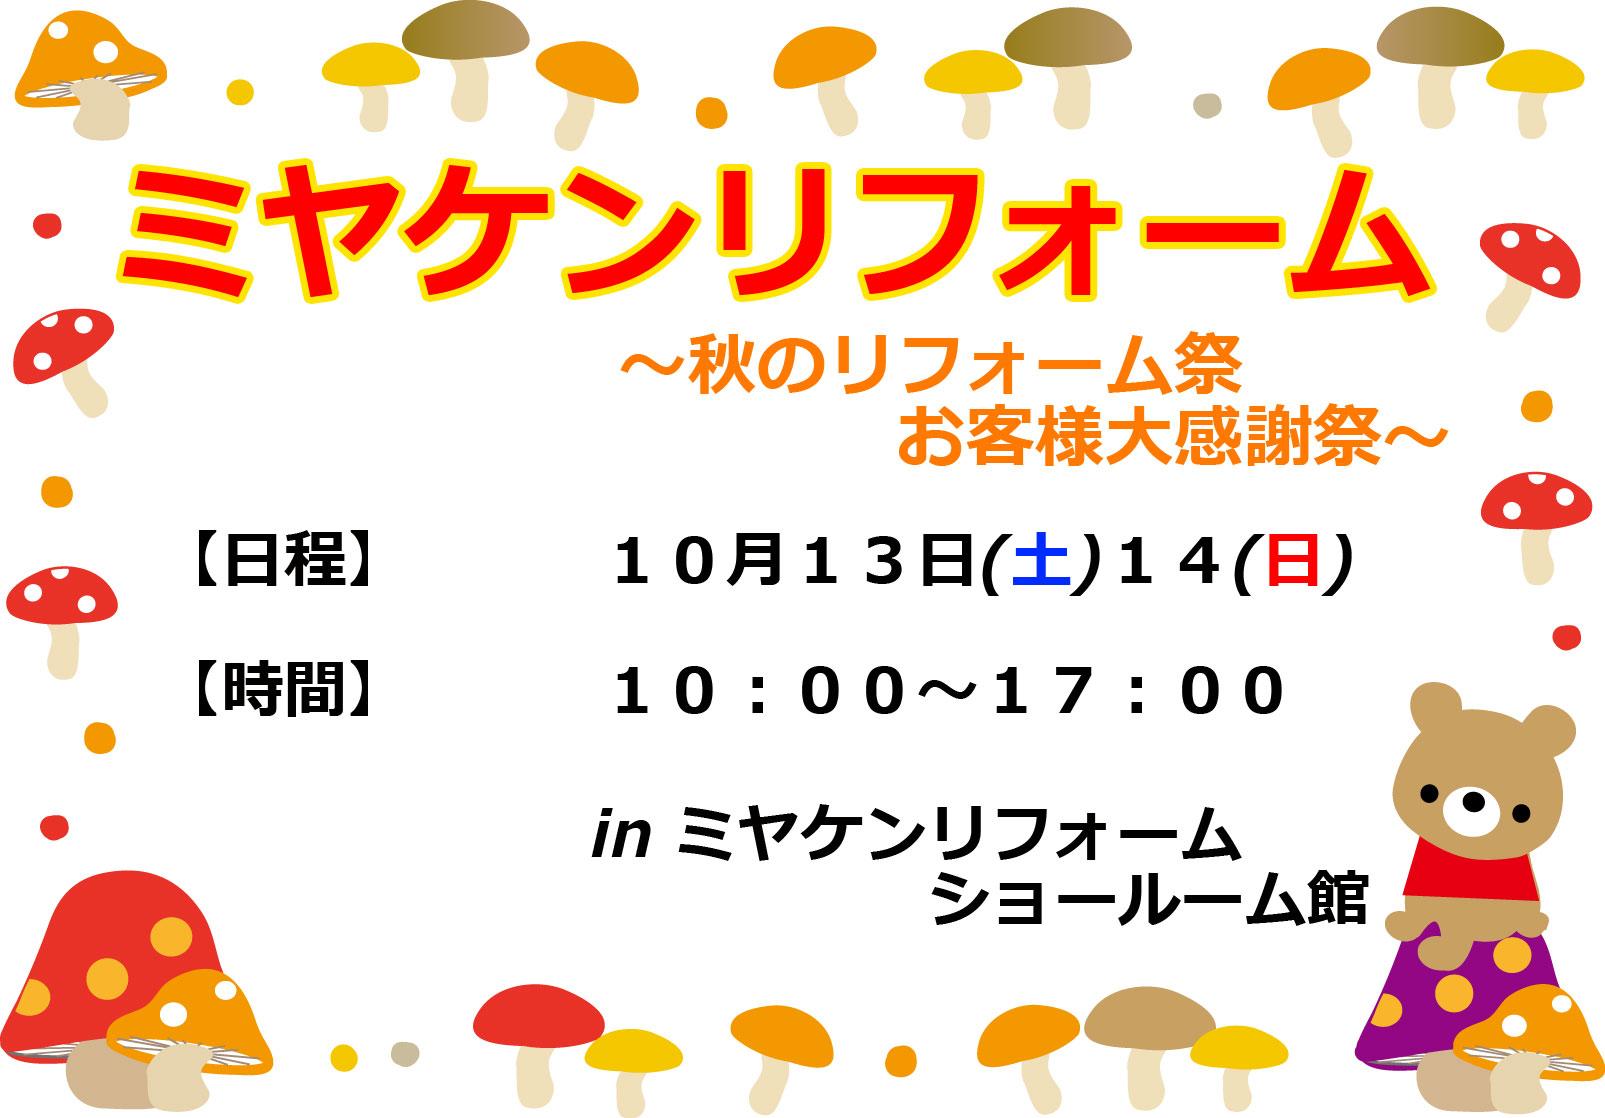 10月13日(土)14(日)リフォーム感謝祭イベント情報!